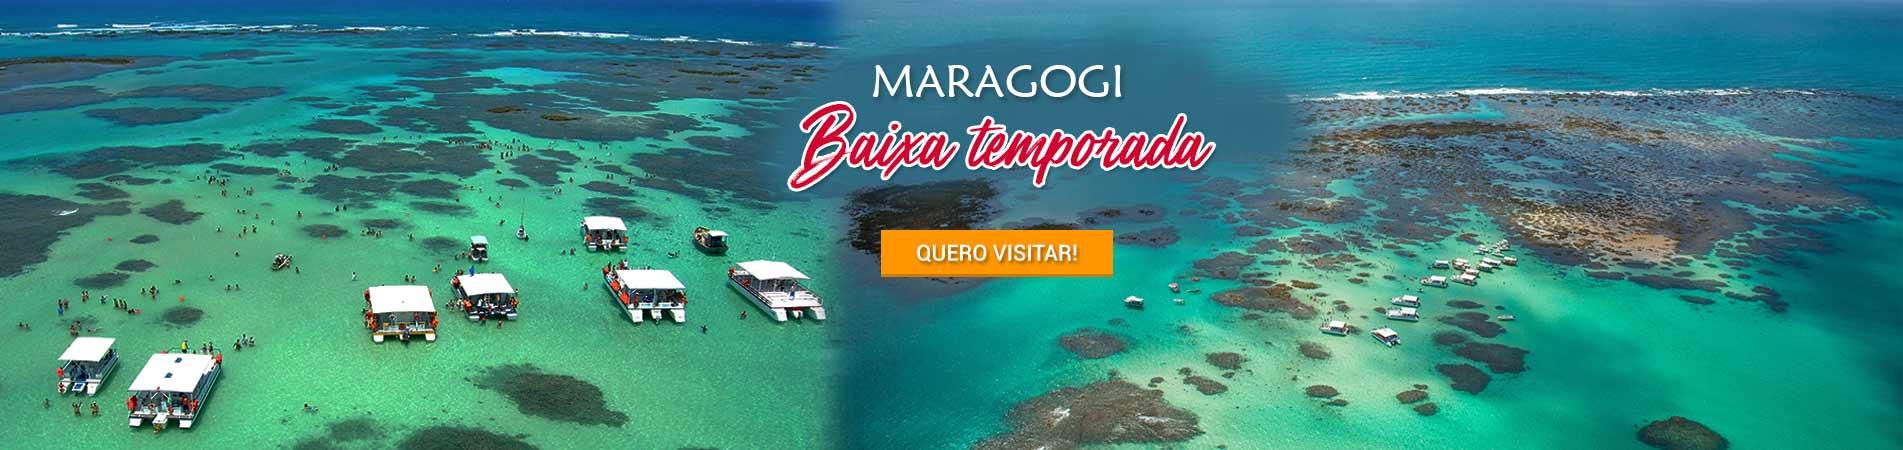 maragogi-banner